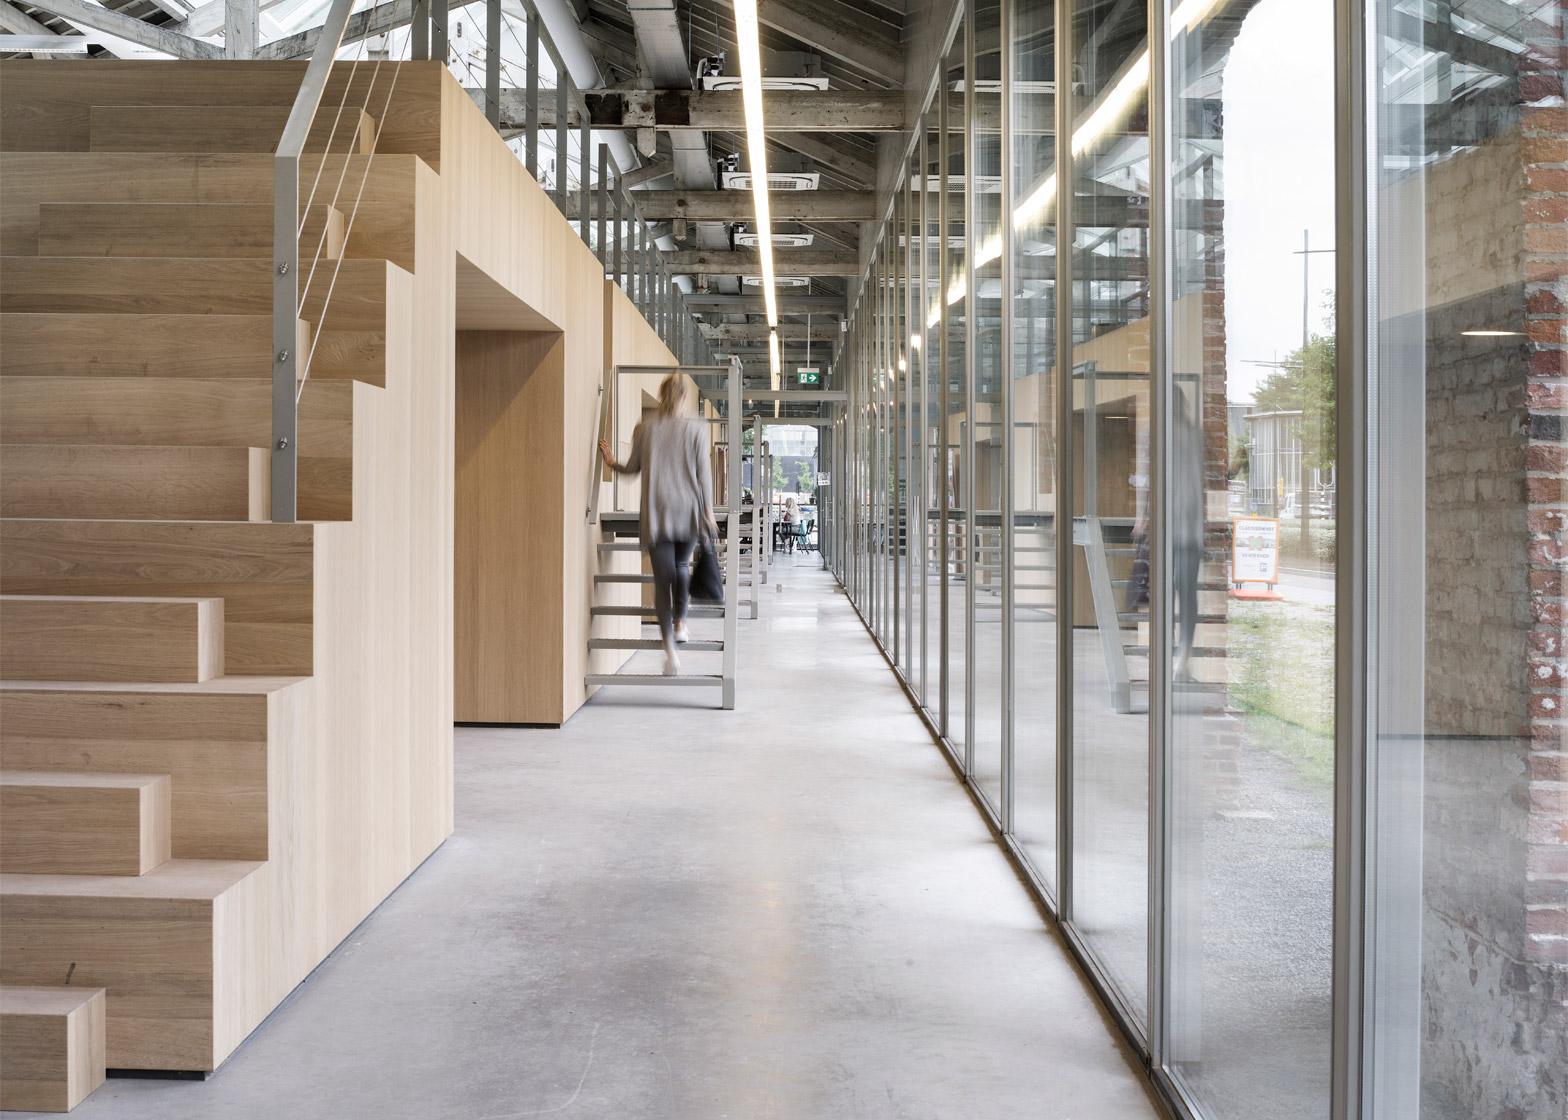 Houtloods by Bedaux de Brouwer Architecten